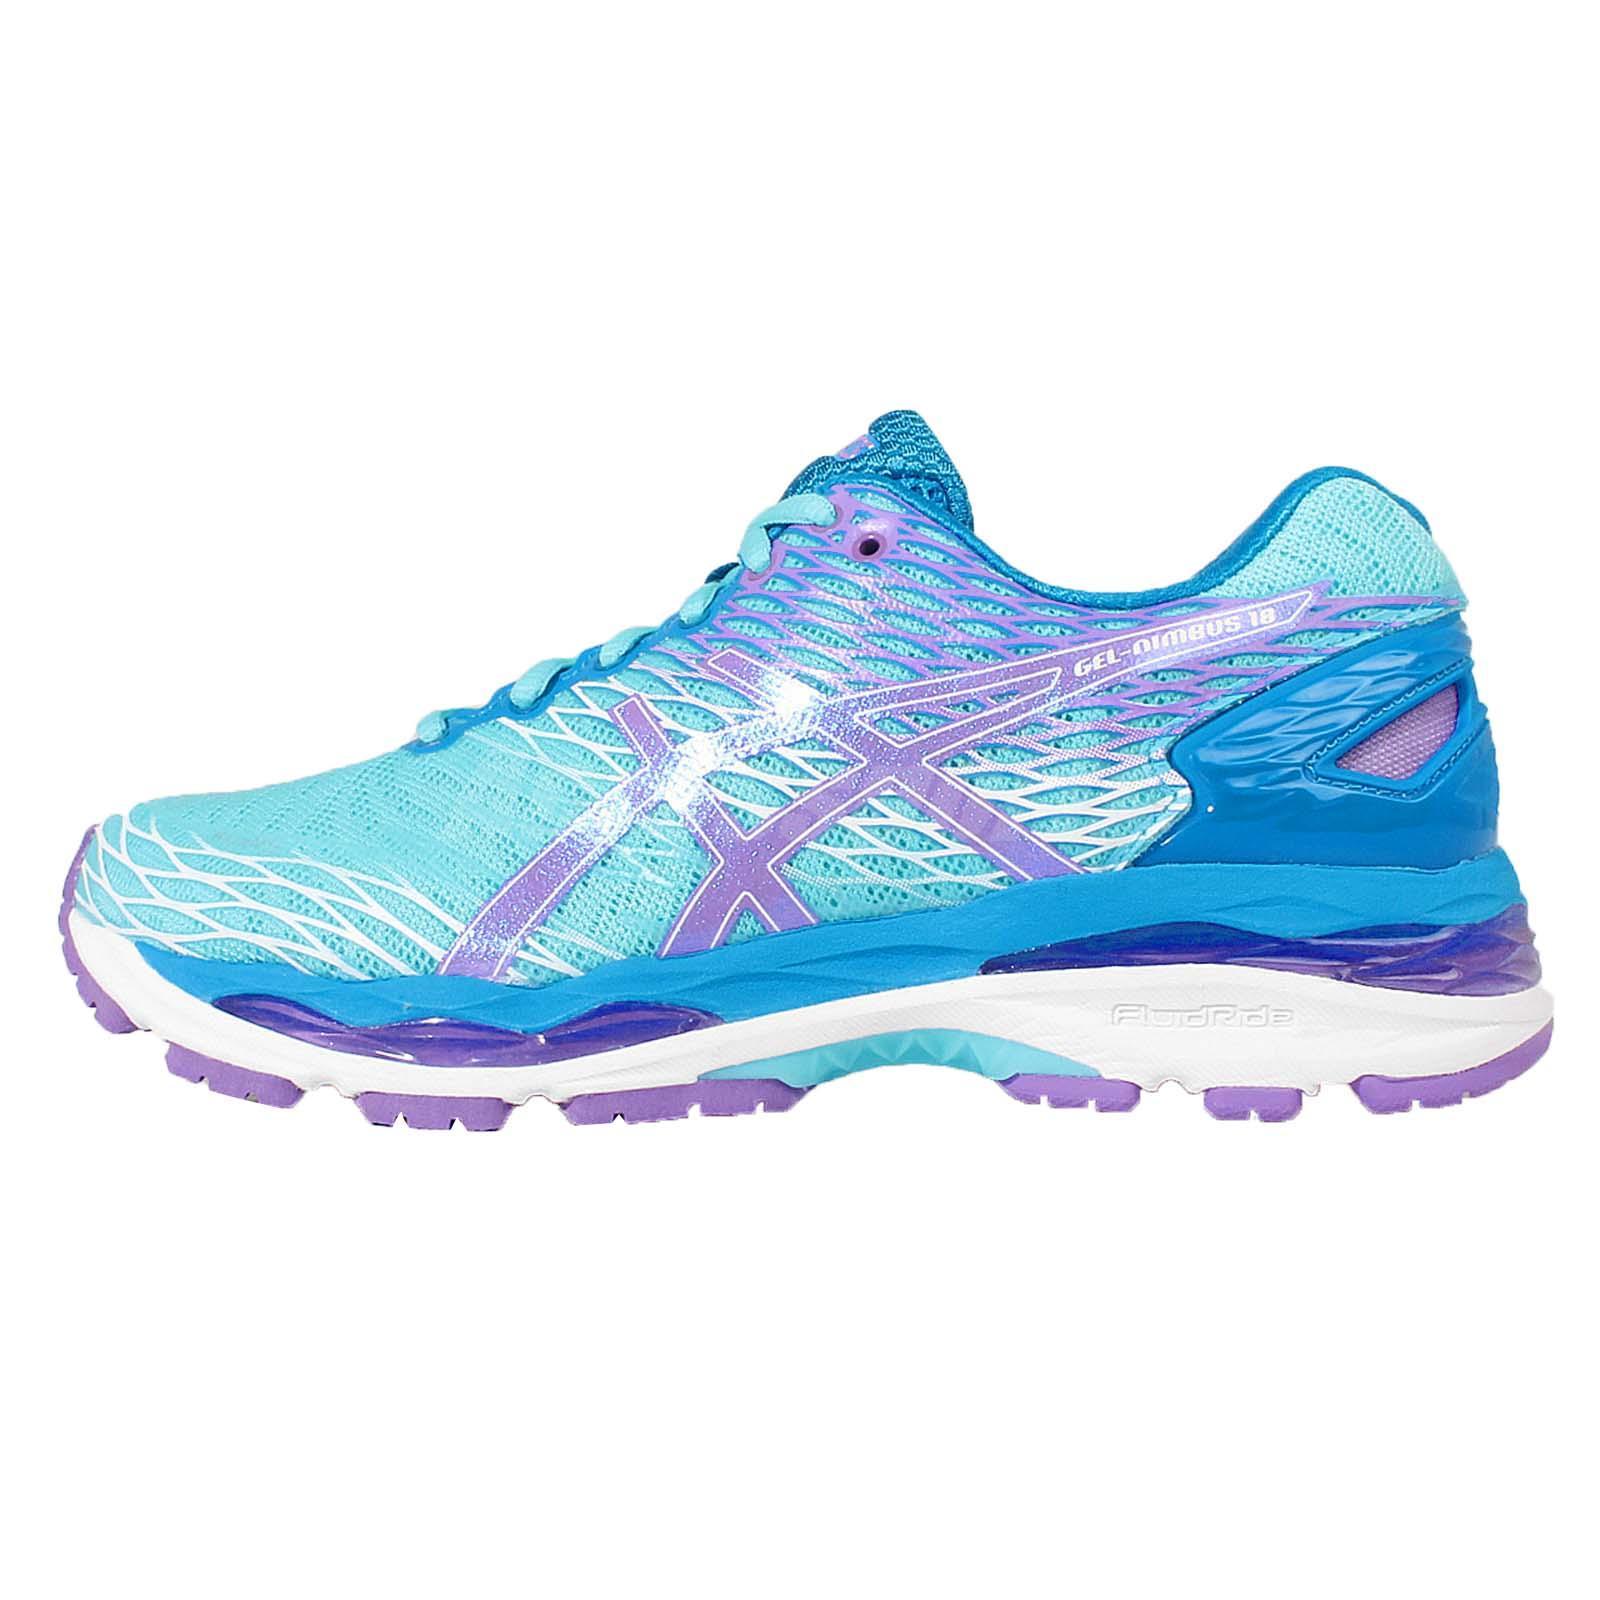 Asics Nimbus Running Shoes Uk